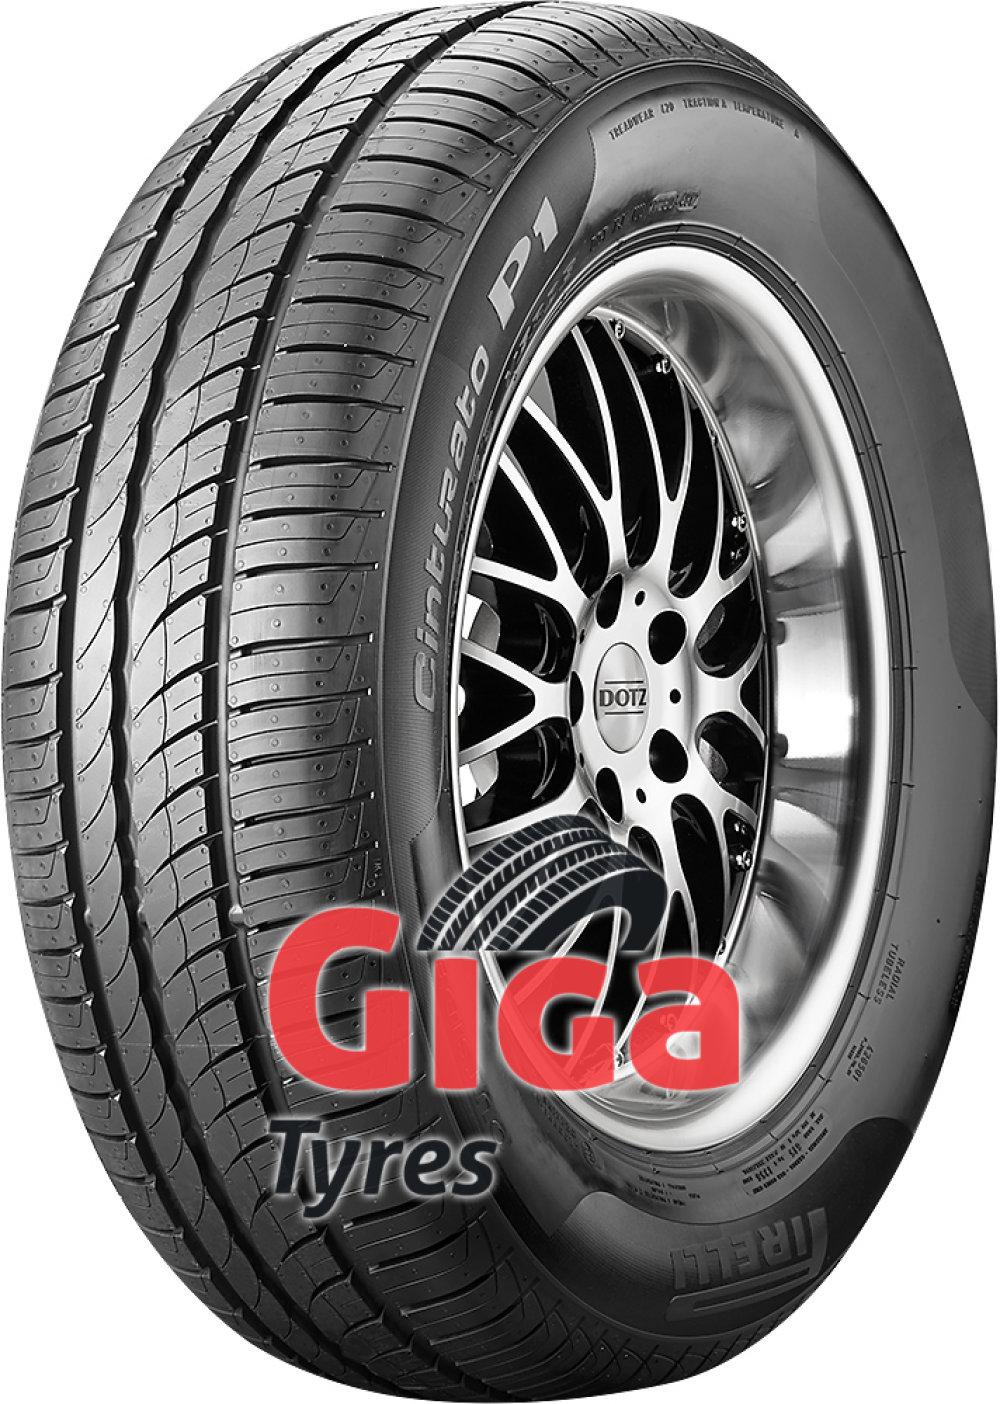 Pirelli Cinturato P1 Verde ( 195/55 R16 87H ECOIMPACT )